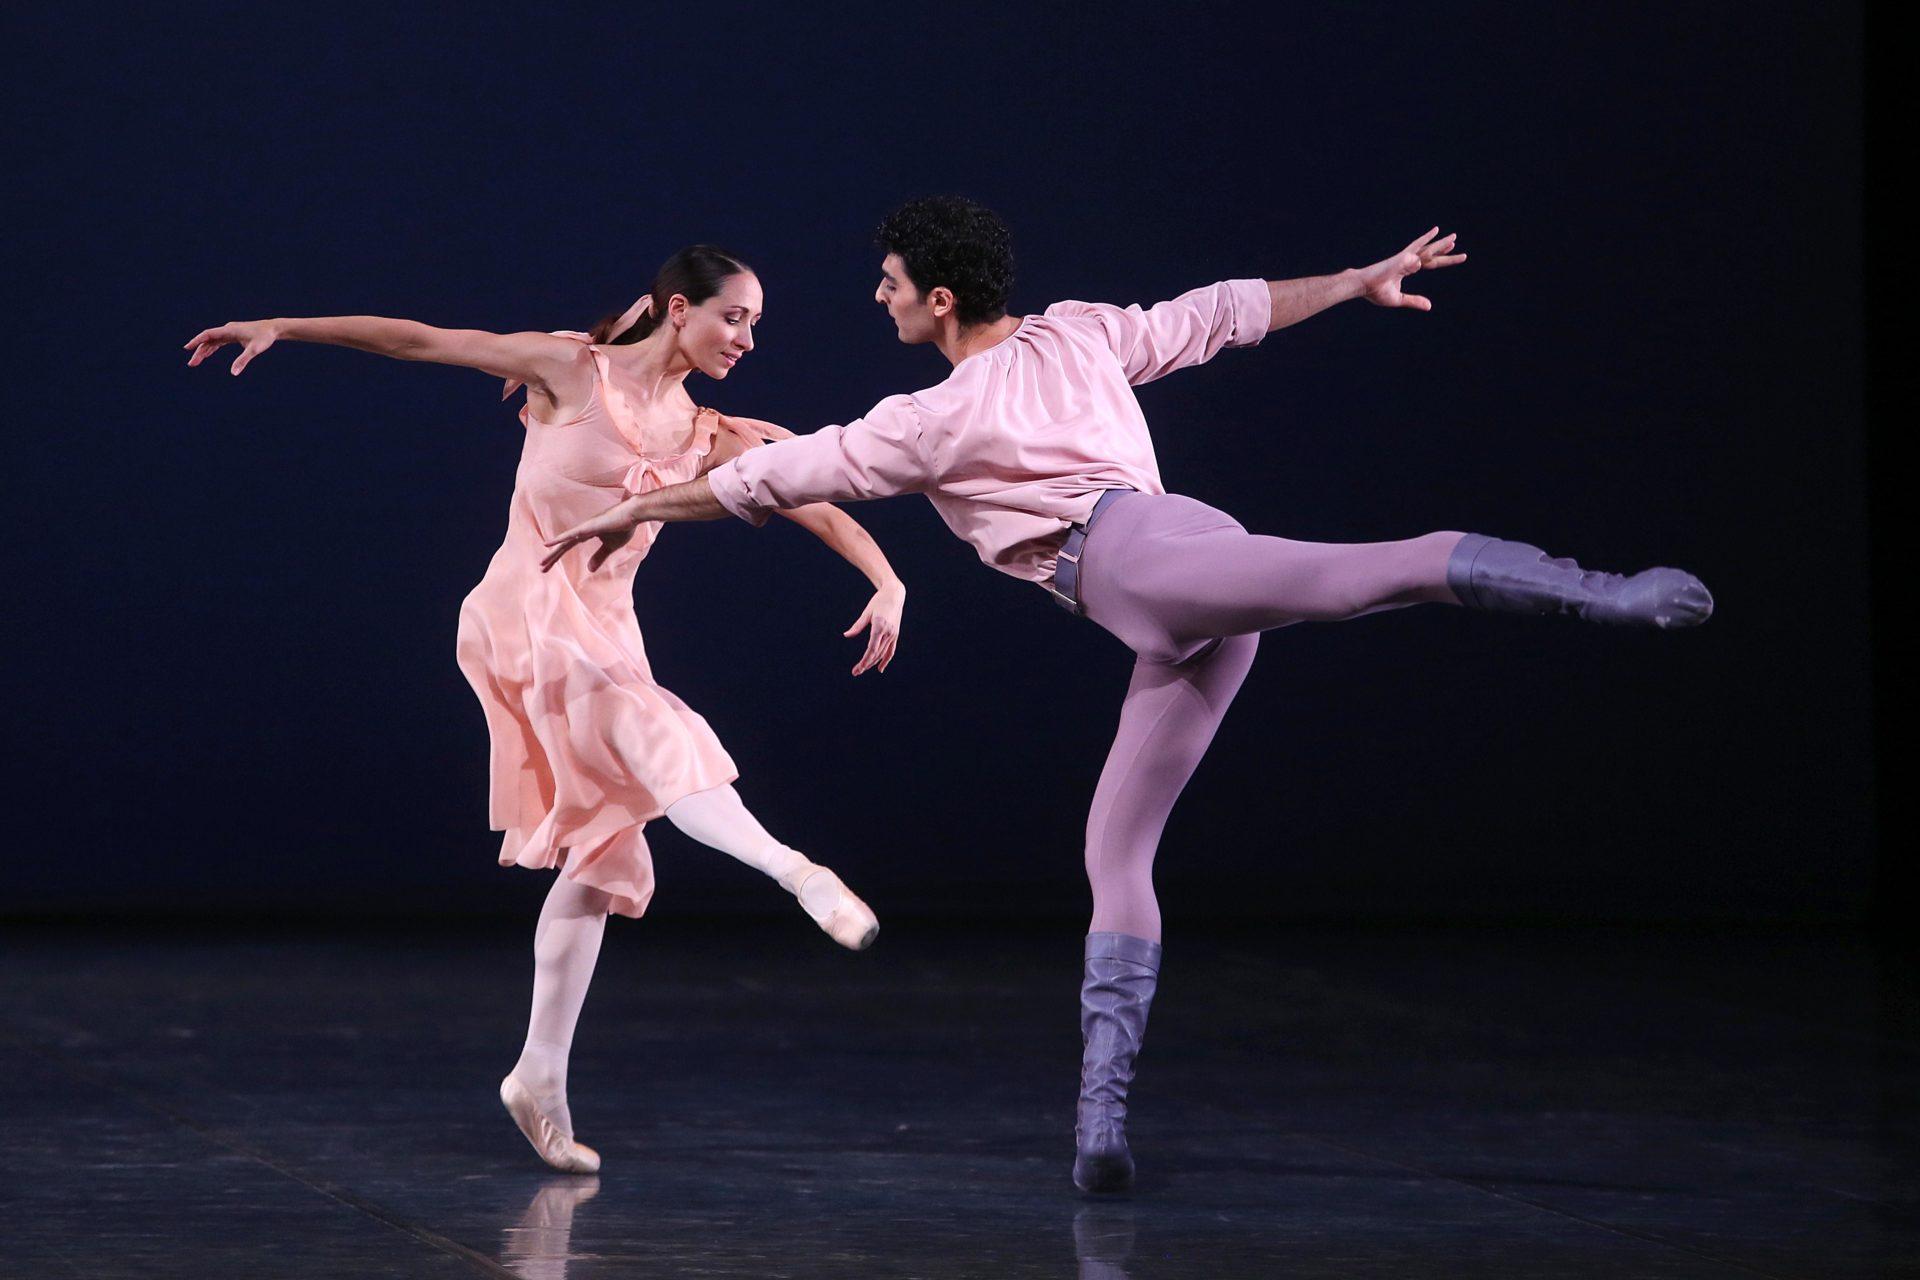 Chopin_Dances_HH_Ballett_Foto_AnjaBeutler.de_045